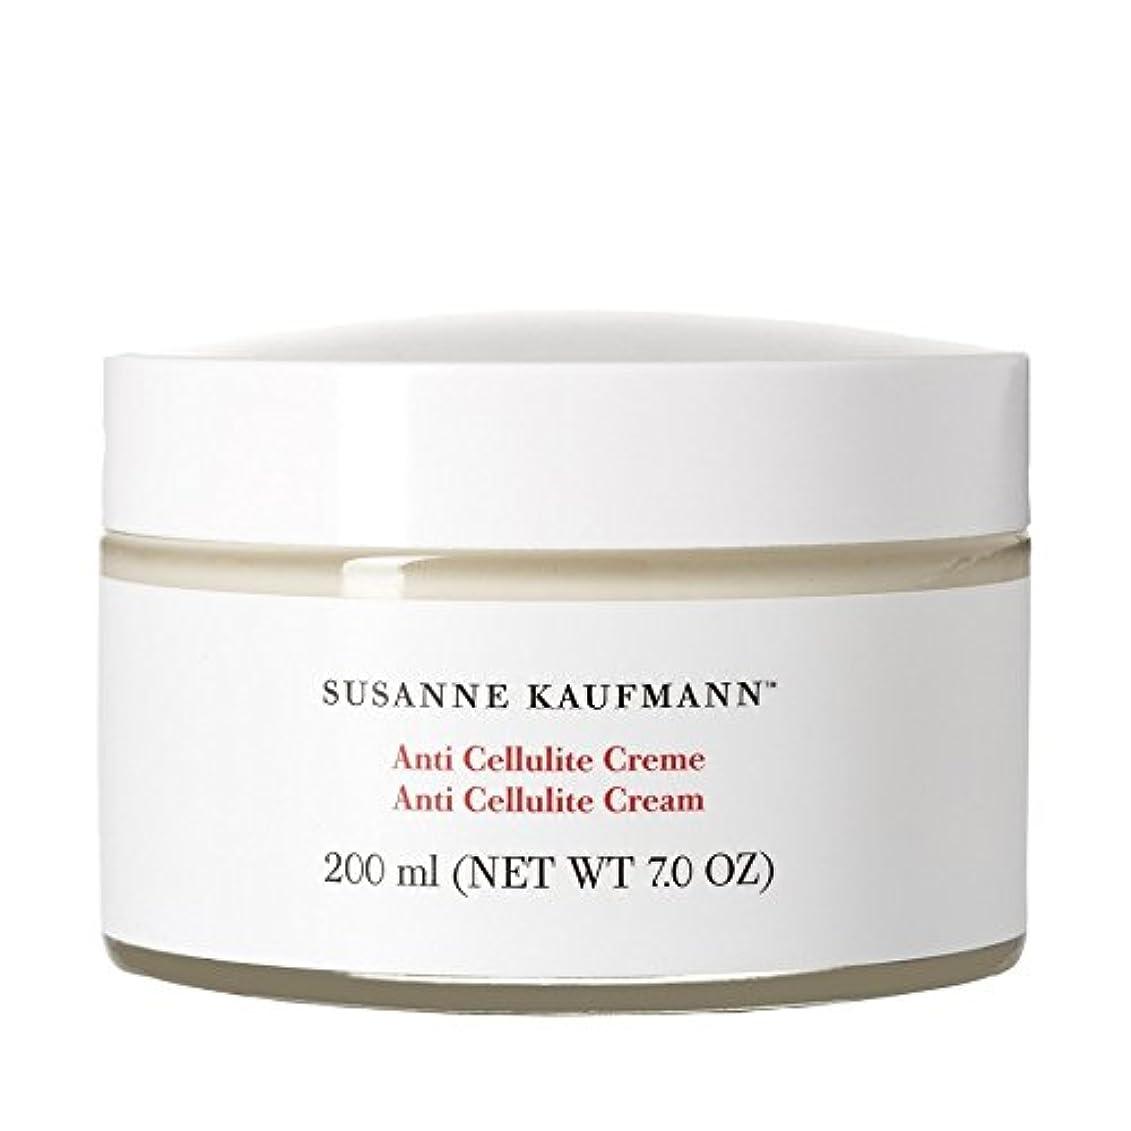 狂うハードウェア習熟度Susanne Kaufmann Anti Cellulite Cream 200ml - スザンヌカウフマン抗セルライトクリーム200ミリリットル [並行輸入品]